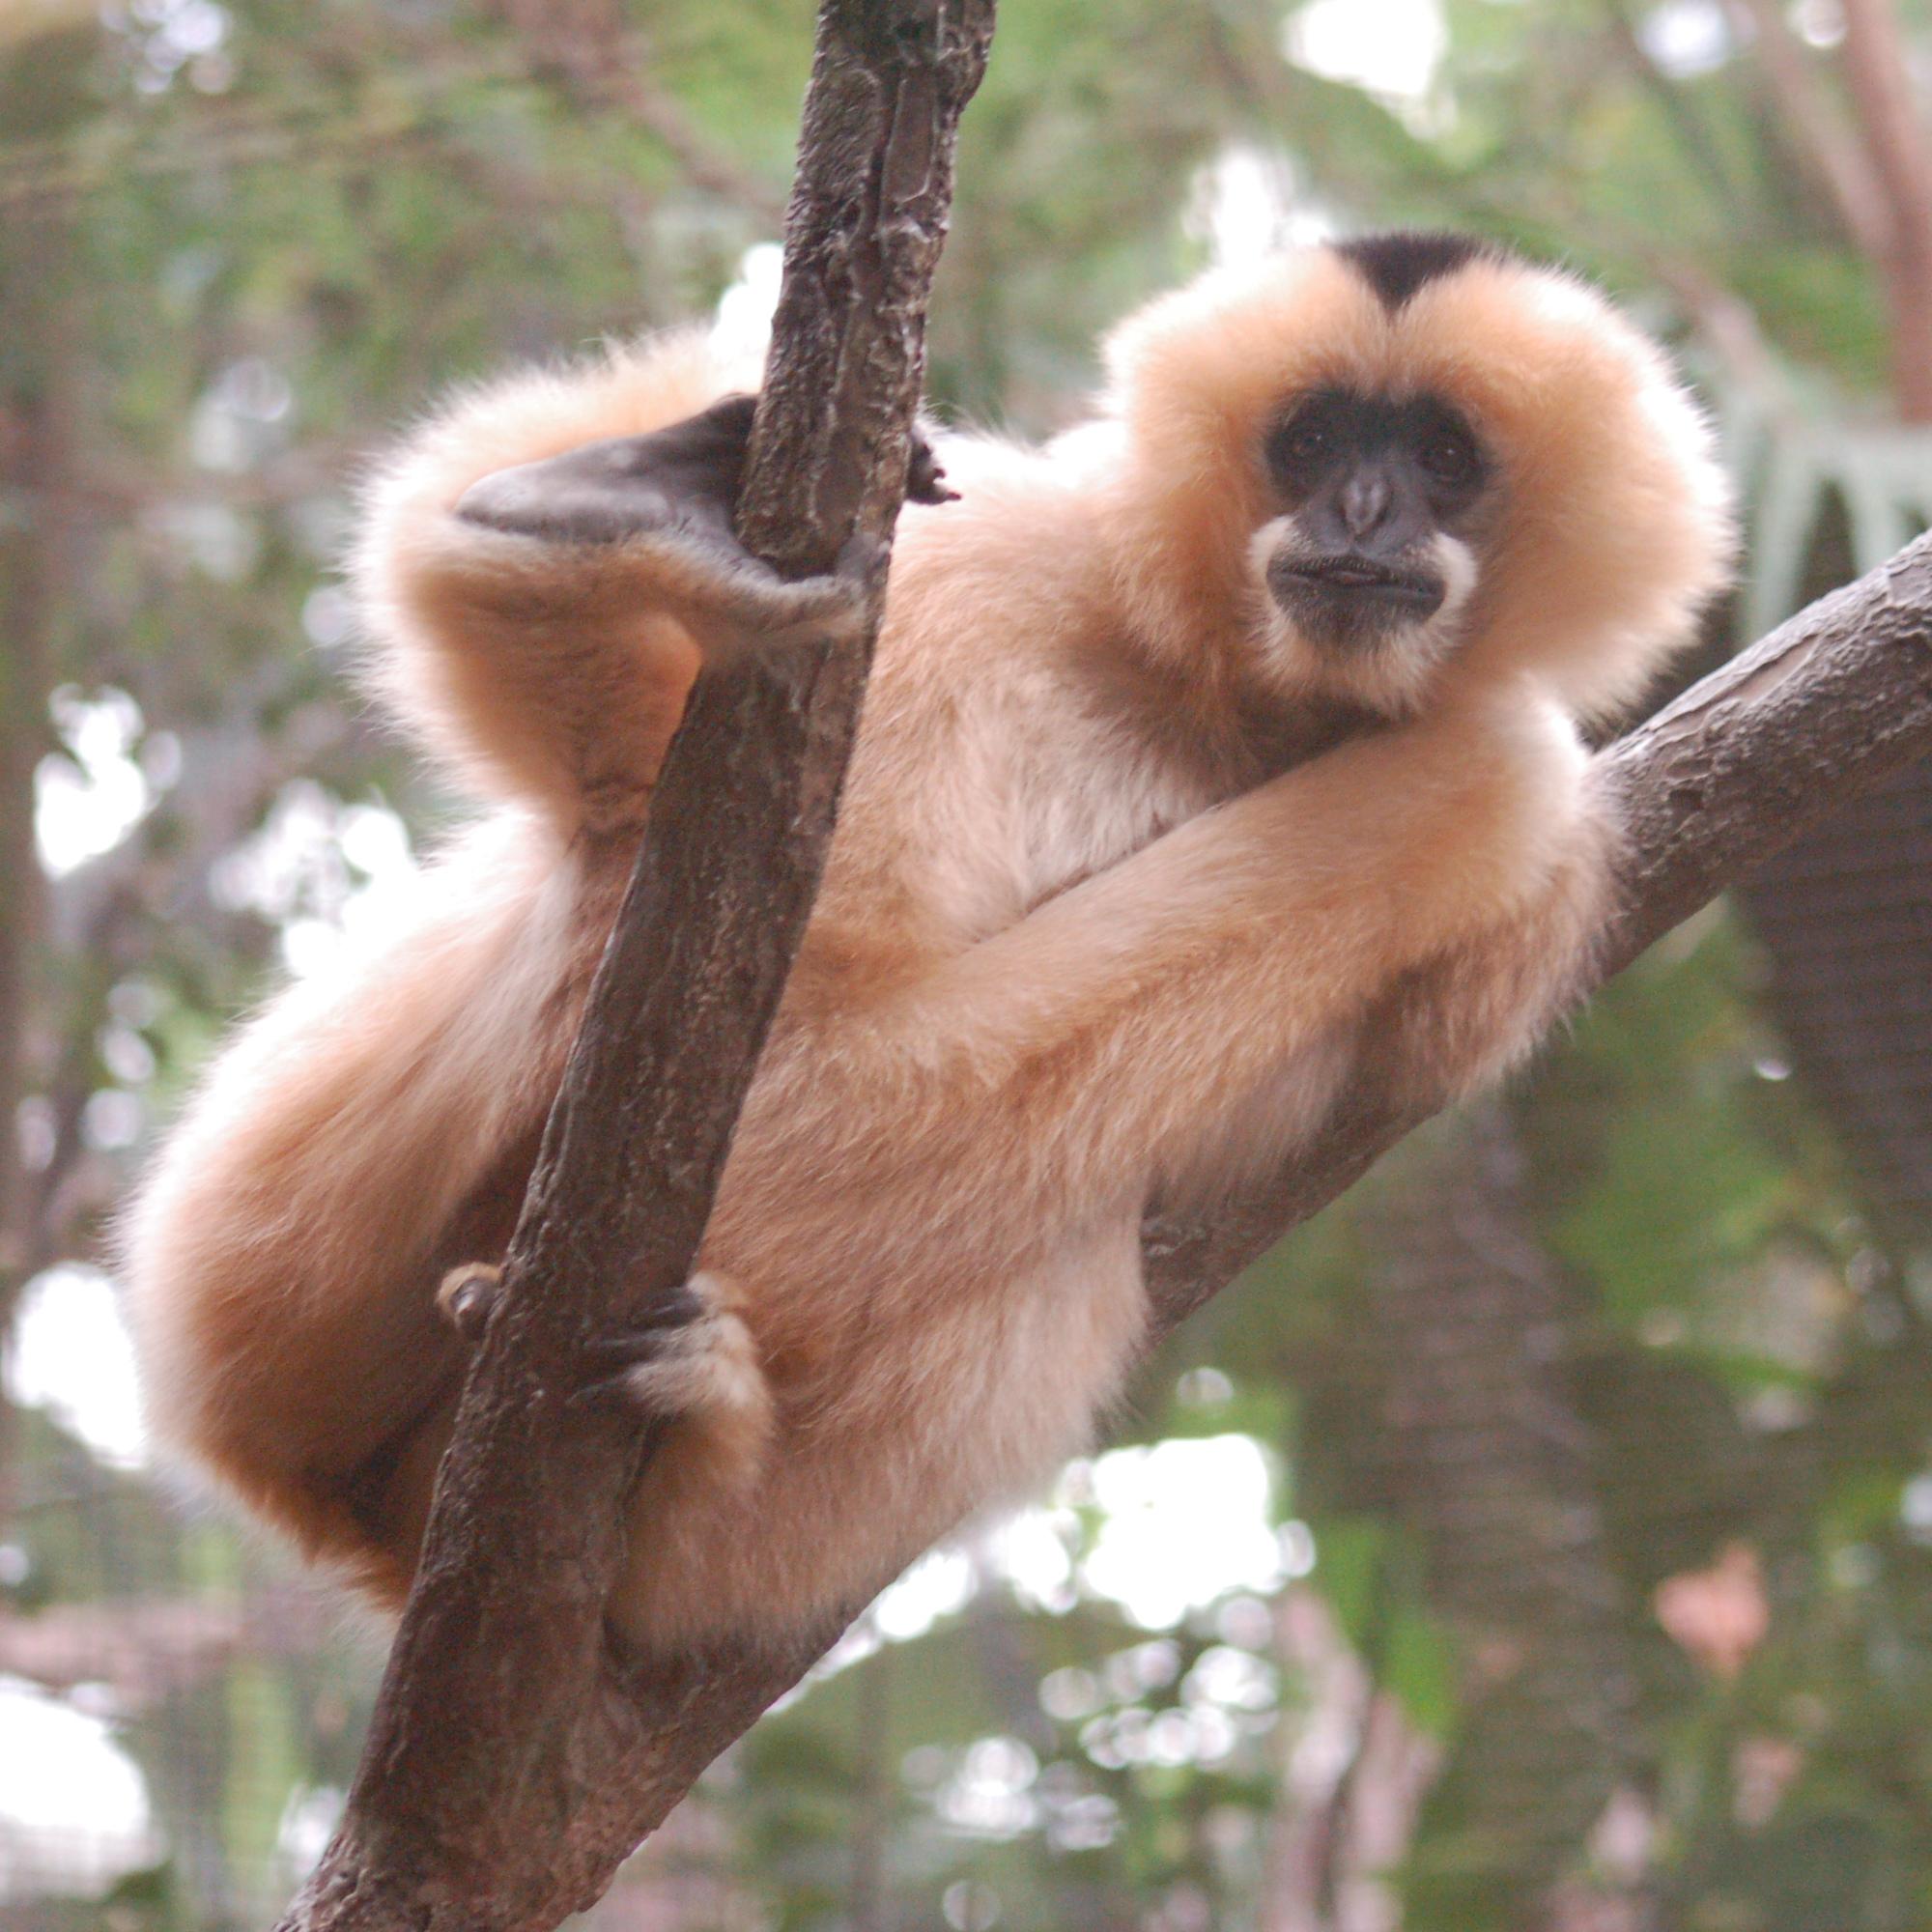 File:Unidentified Monkey Looking 2000px.jpg - Wikimedia Commons